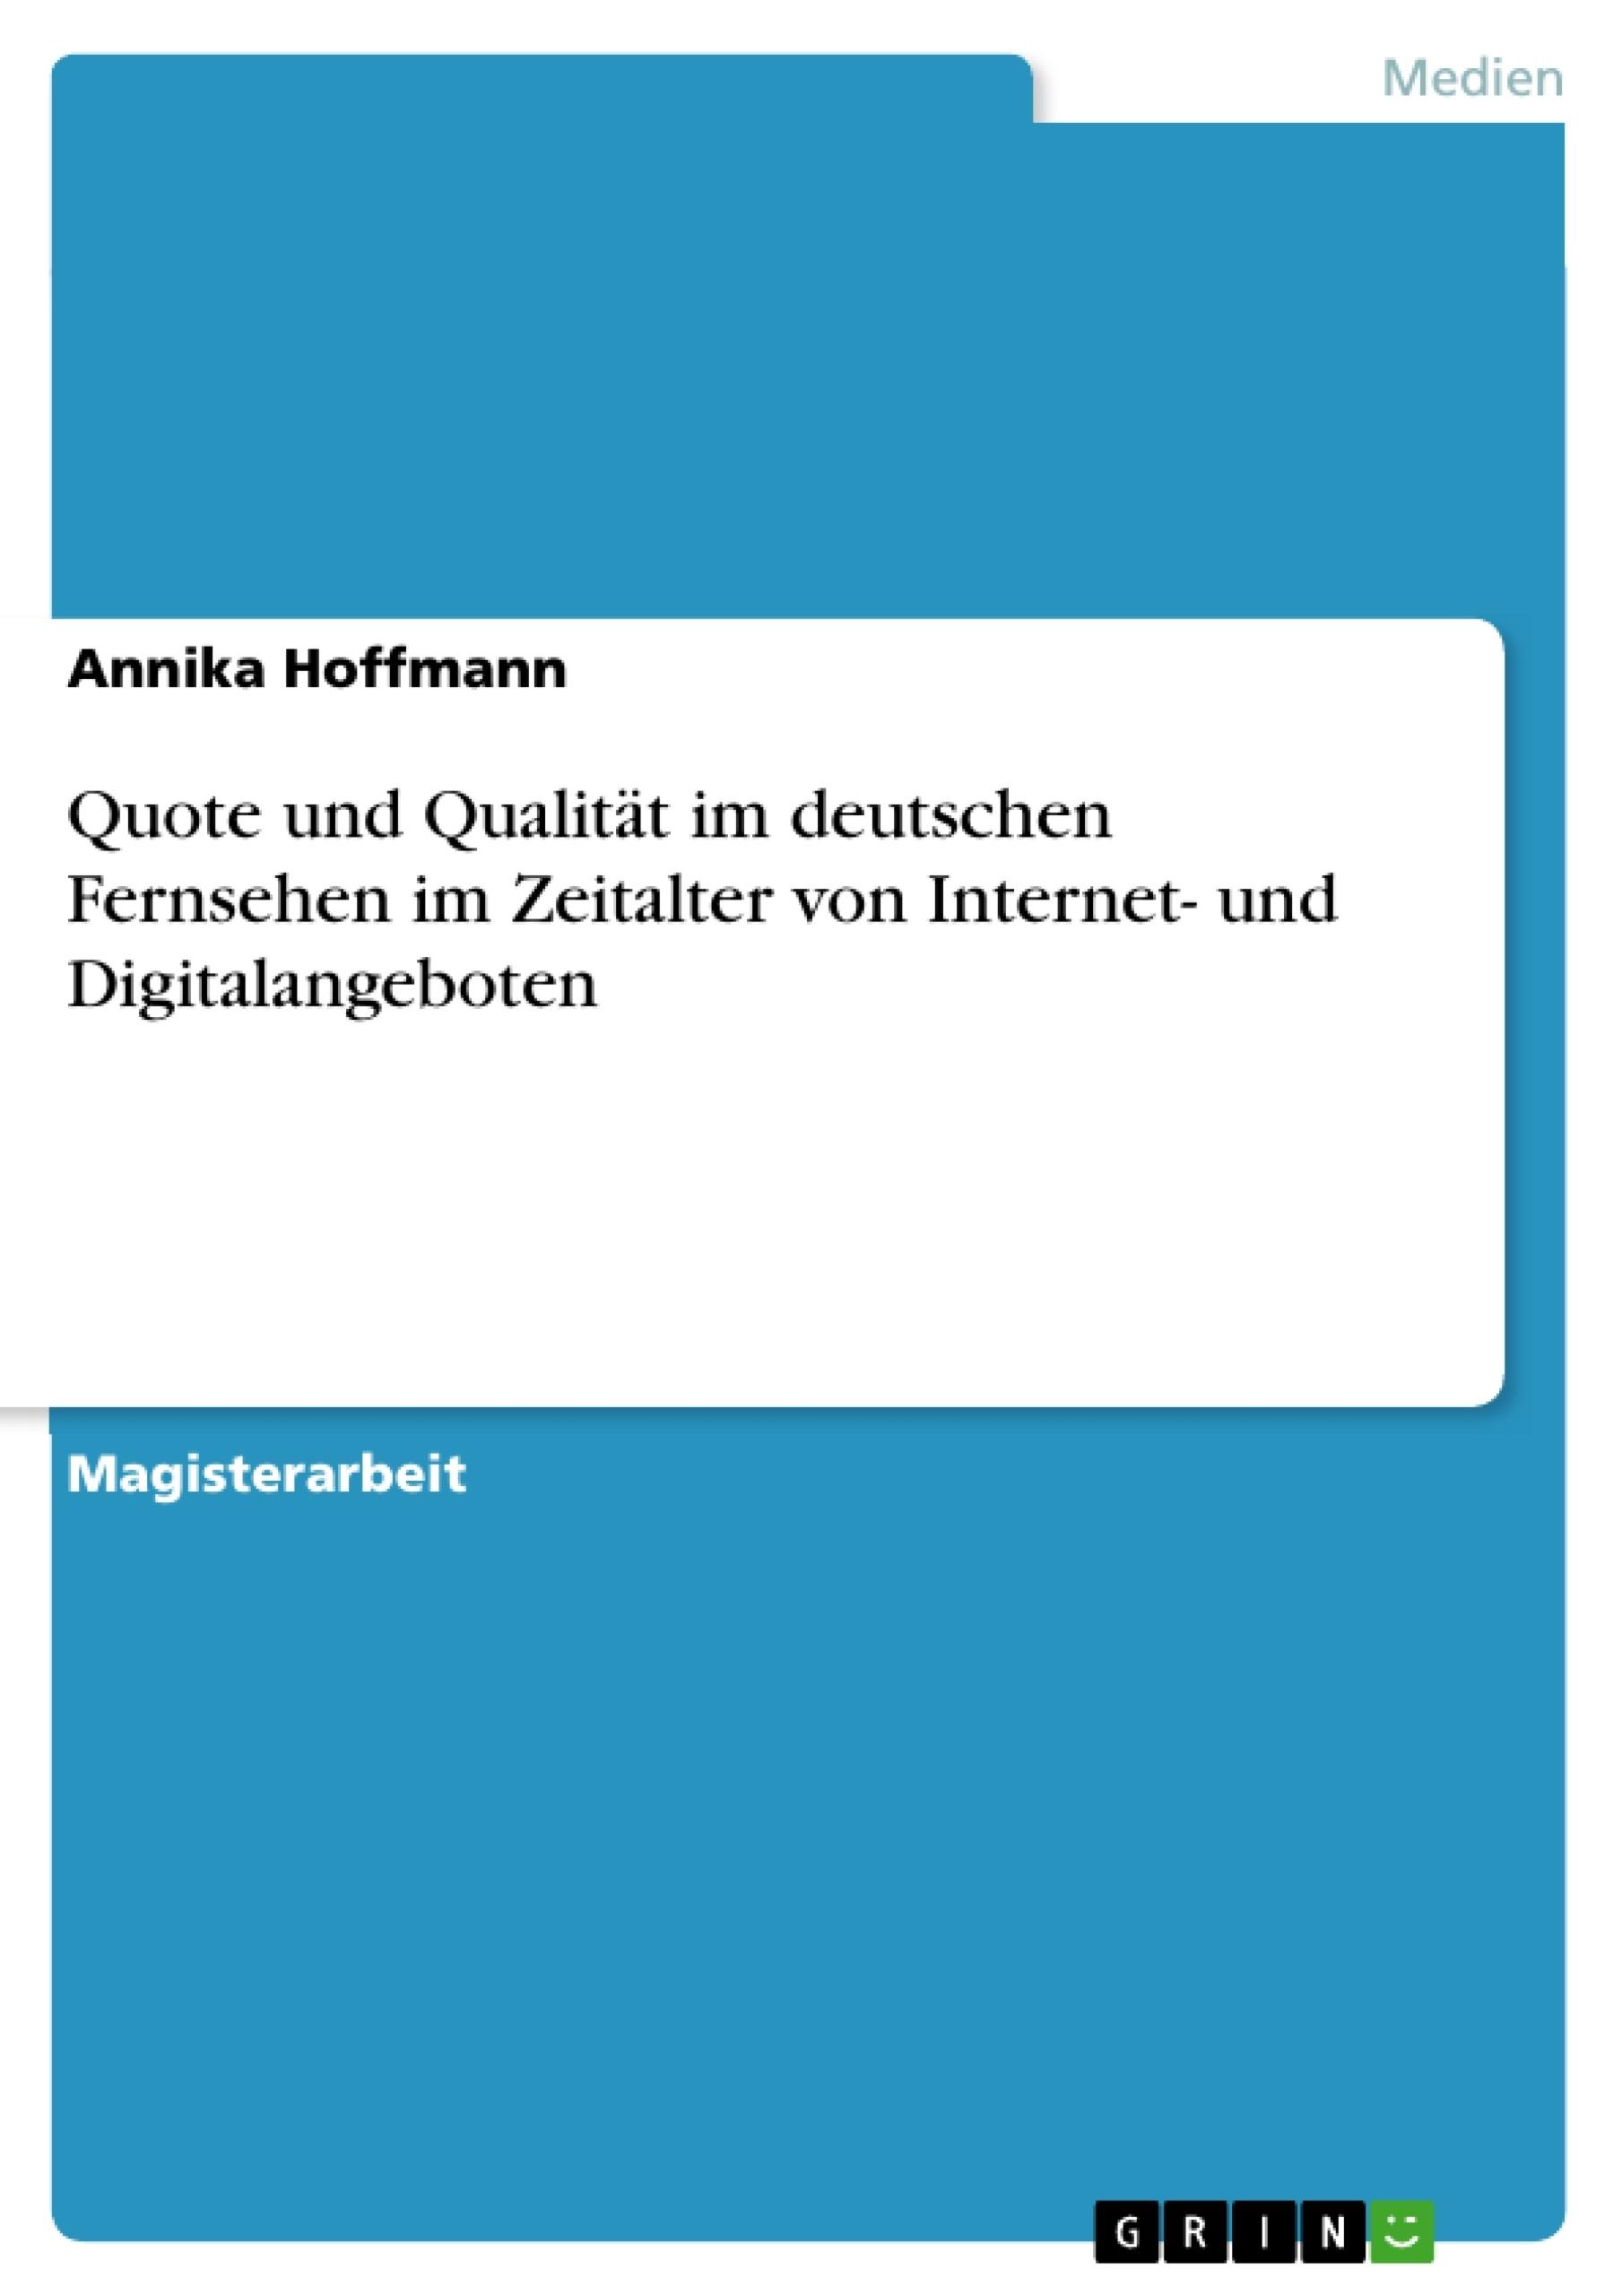 Titel: Quote und Qualität im deutschen Fernsehen im Zeitalter von Internet- und Digitalangeboten